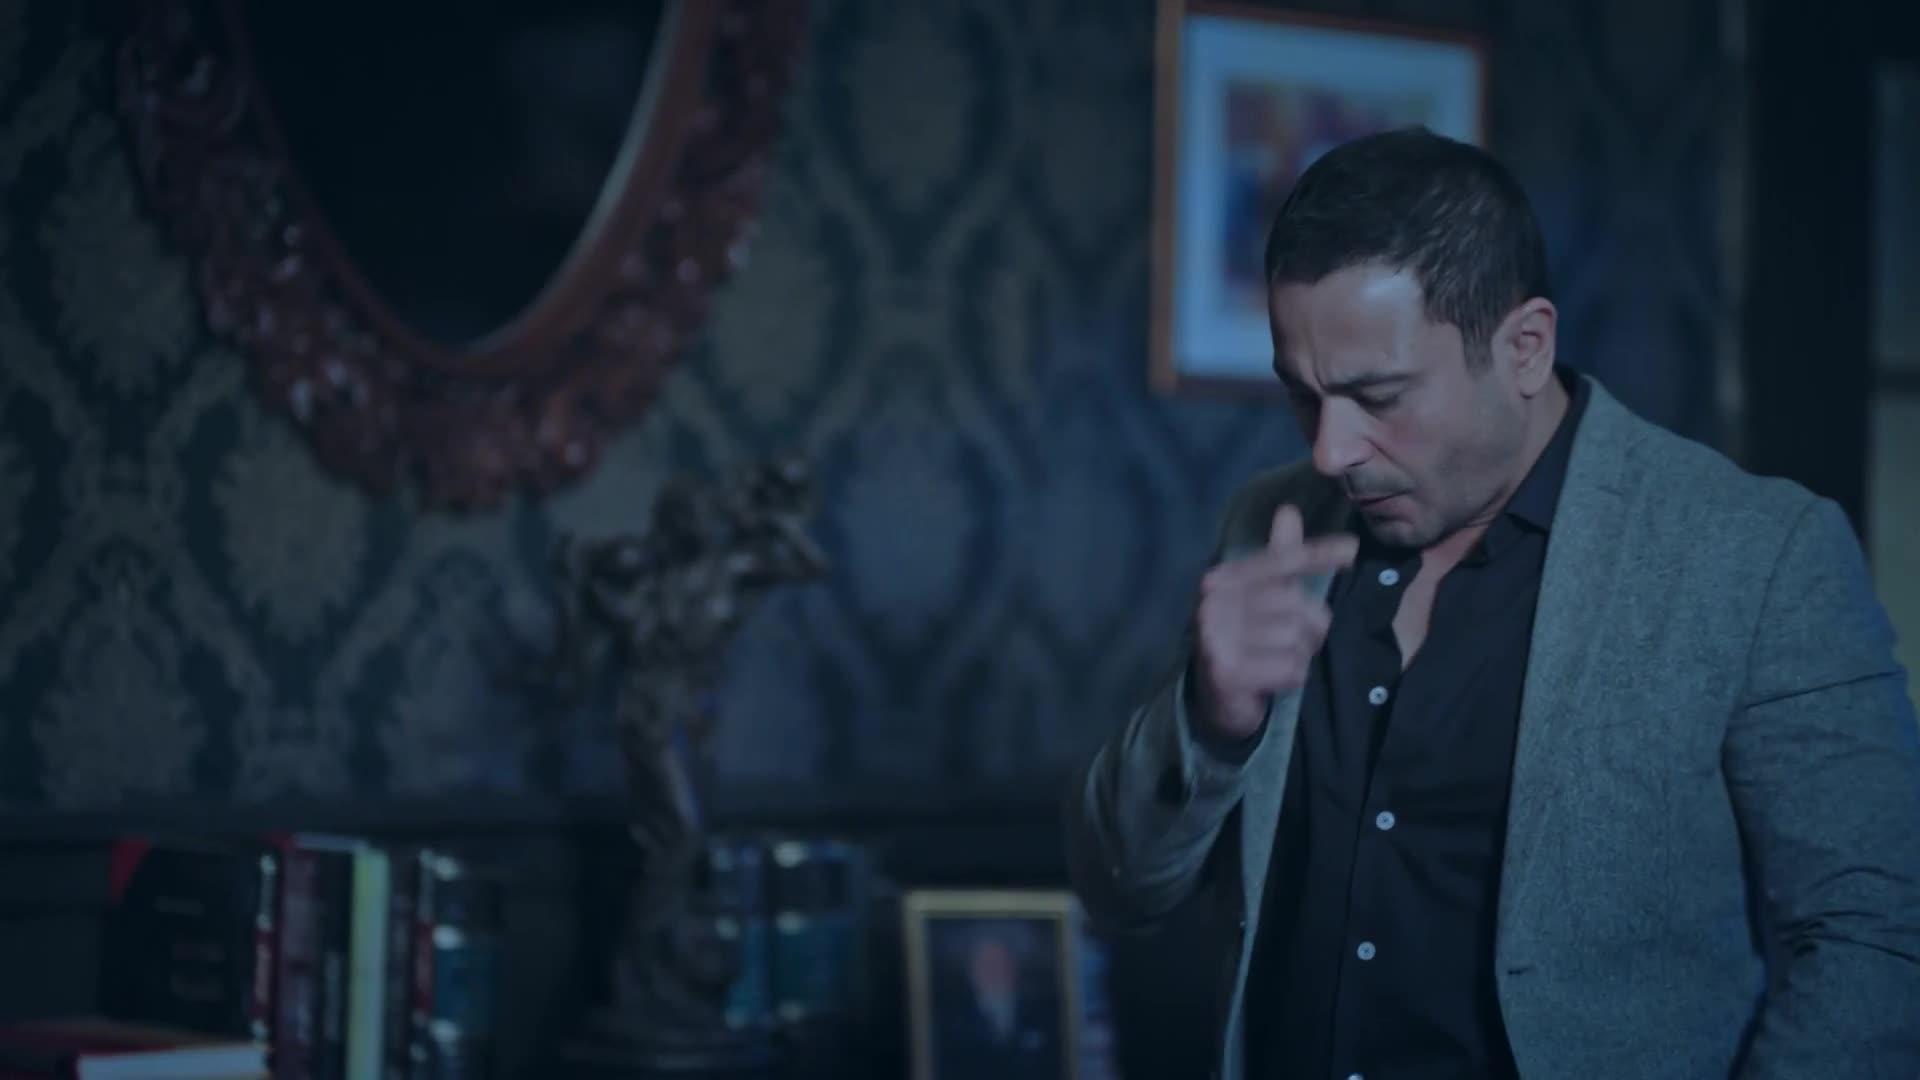 المسلسل المصري علامة استفهام [2019][WEB DL][1080p] تحميل تورنت 9 arabp2p.com